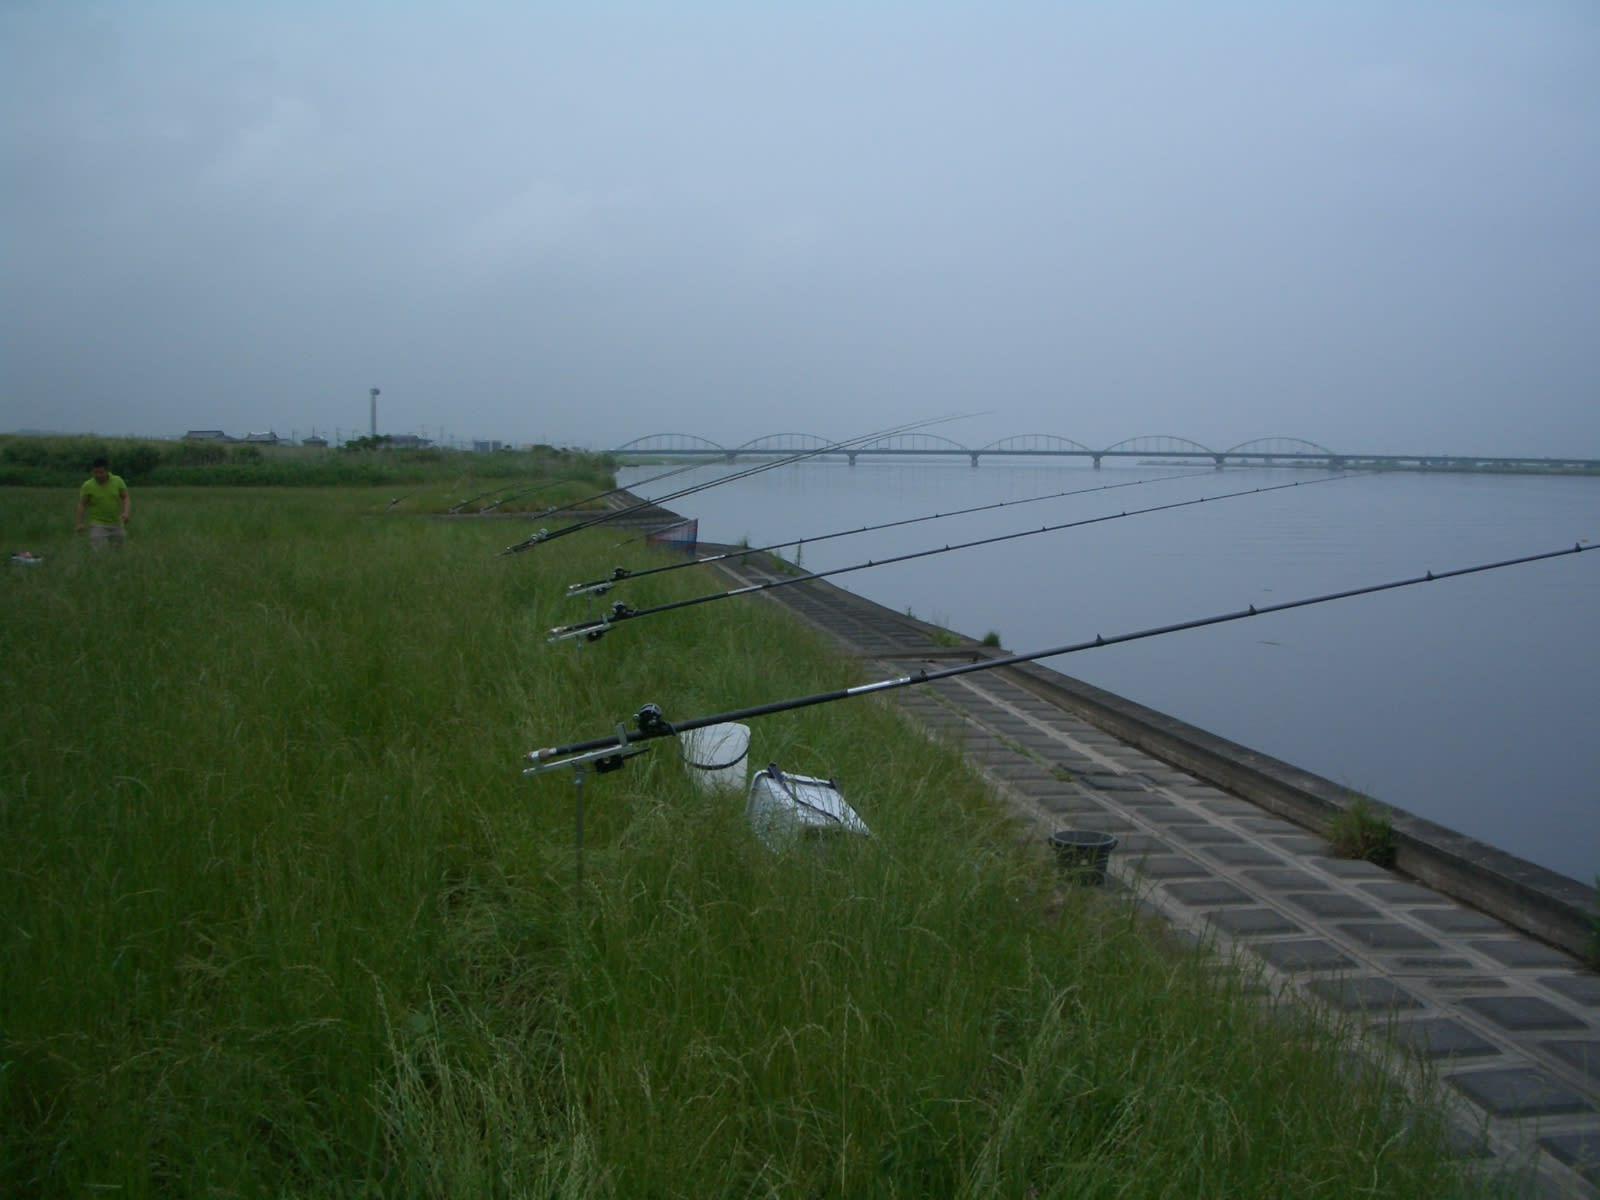 利根川検潮機前 大物狙い。アオウオ、鯉も釣れた。遠くに見える小見川大橋。 ジャンル:ウェブログ